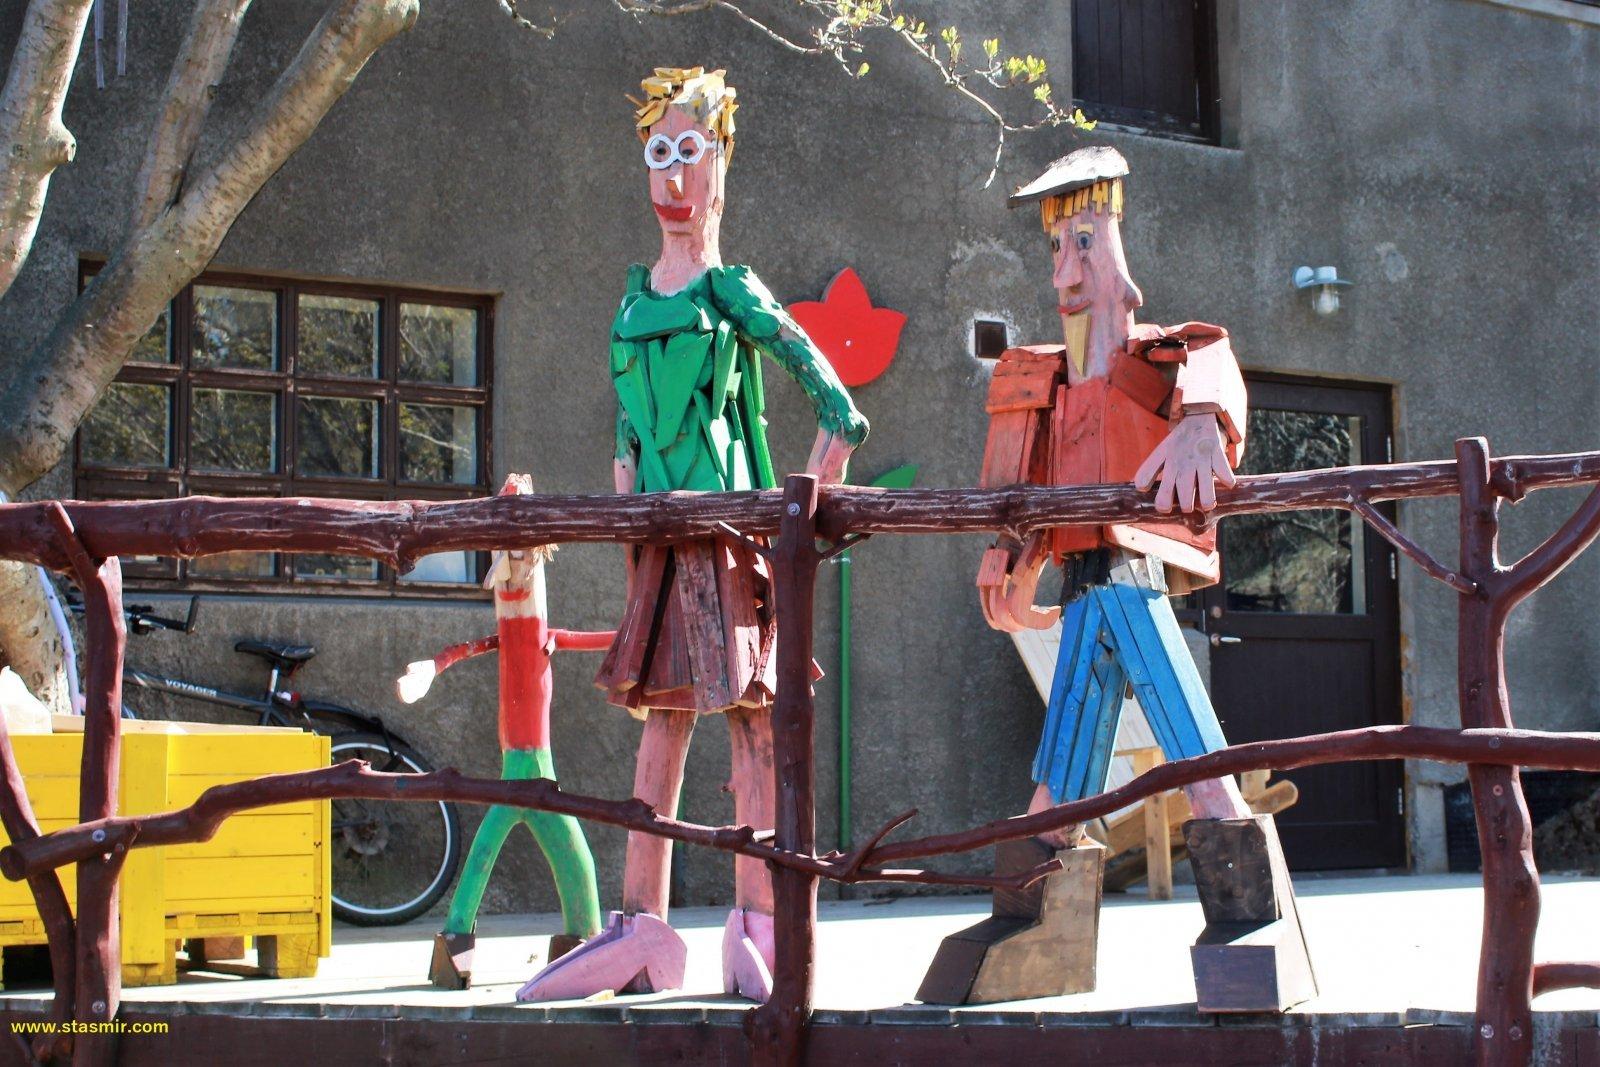 Веселые деревянные человечки в Мосфедльсбаере, фото Стасмир, Photo Stasmir